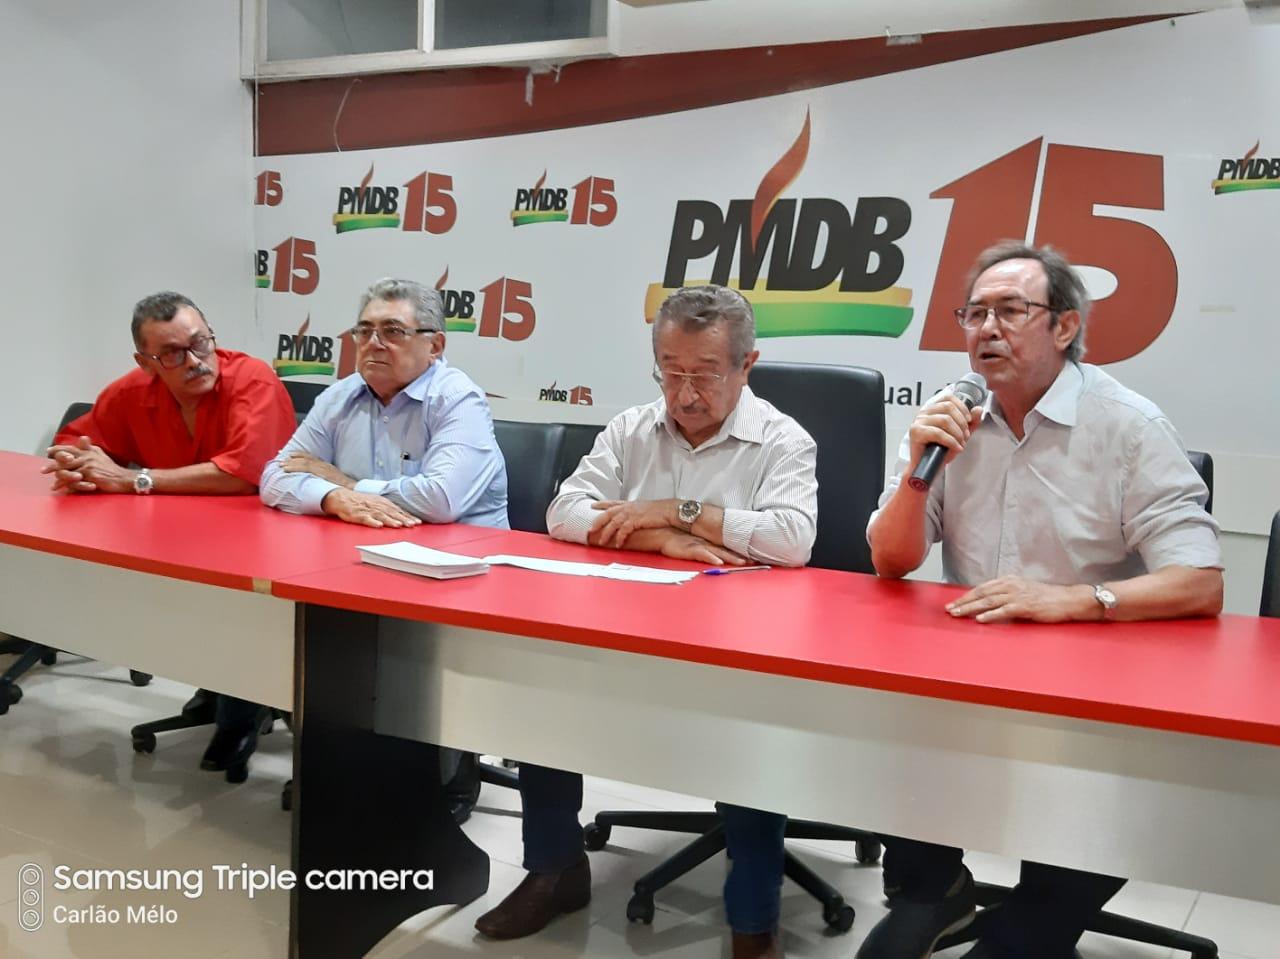 WhatsApp Image 2020 01 08 at 19.39.22 - MDB lança pré-candidatura do empresário Dema Azevedo para prefeitura de Itabaiana